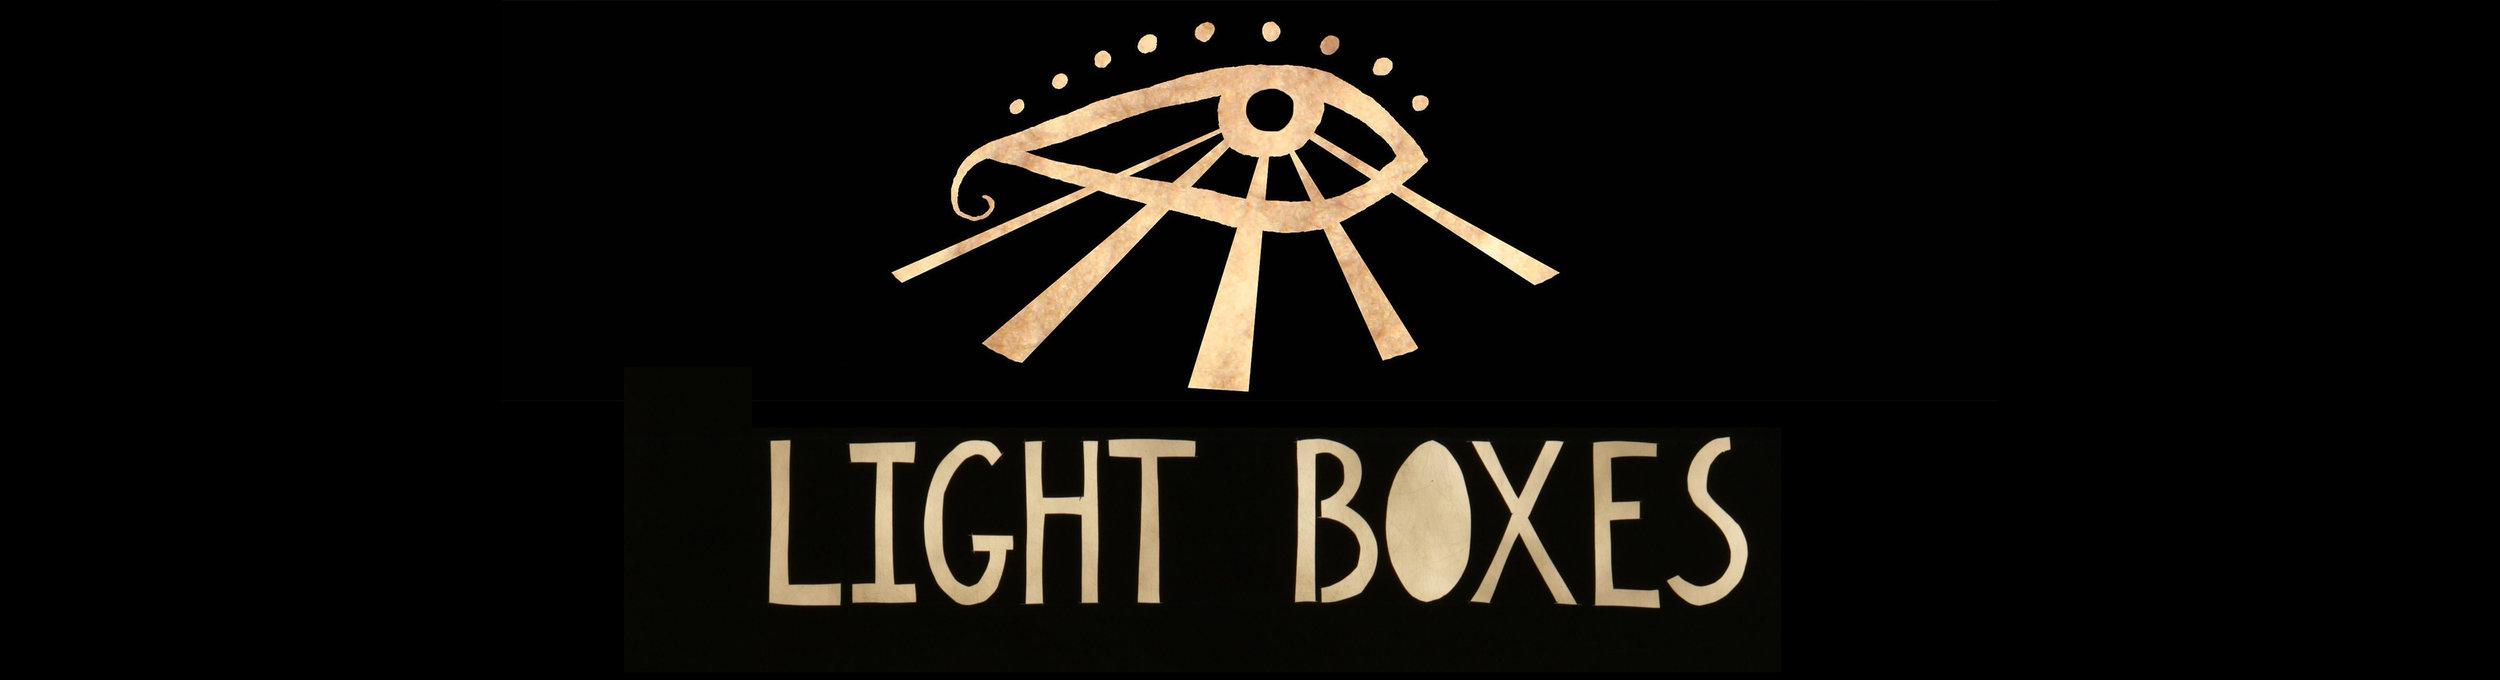 Lightboxes Logo.jpg